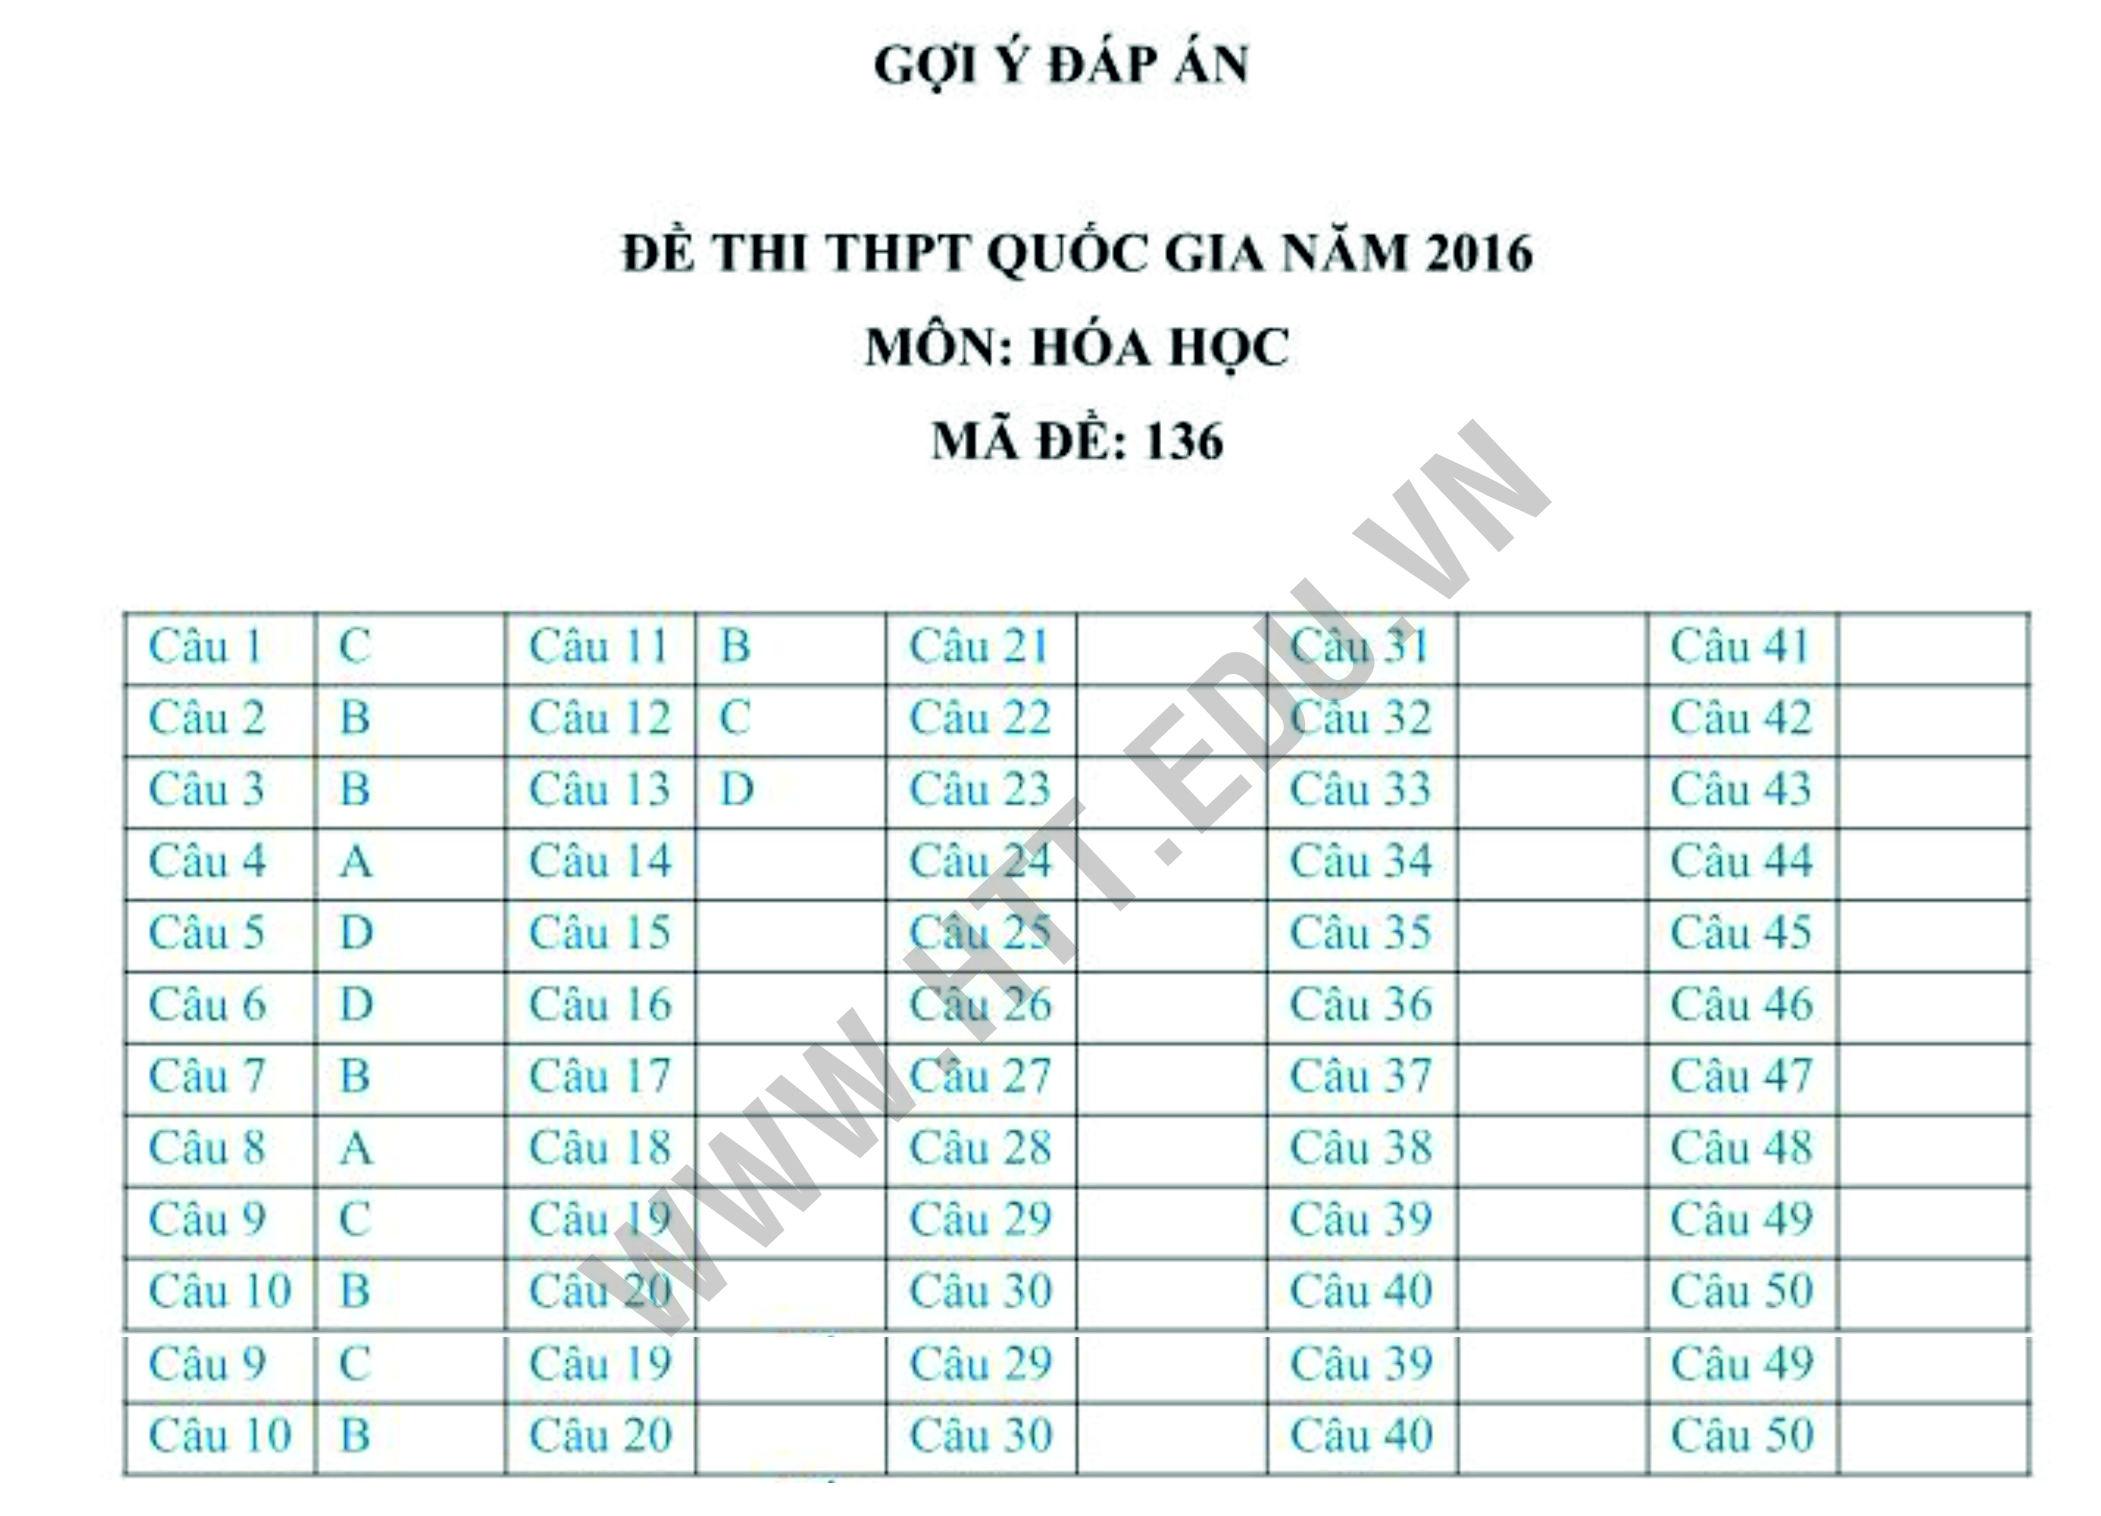 Dap-an-mon-hoa-hoc-tot-nghiep-2016-htt.edu.vn-cthn